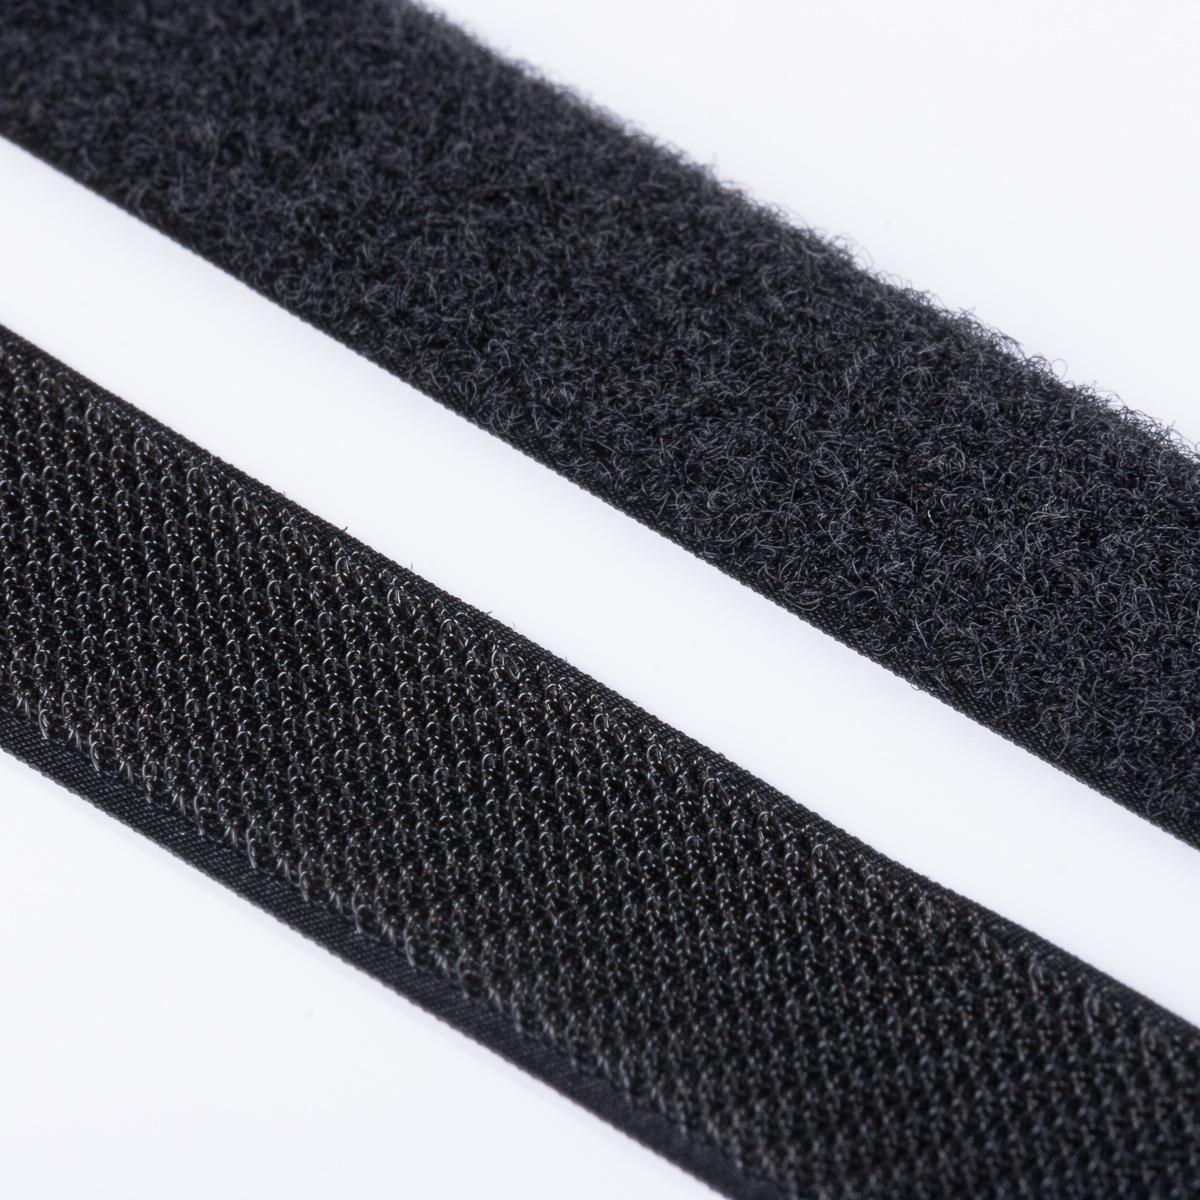 klettband haken flausch hochwertig zum aufn hen 30mm schwarz klett zum aufn hen klettband. Black Bedroom Furniture Sets. Home Design Ideas